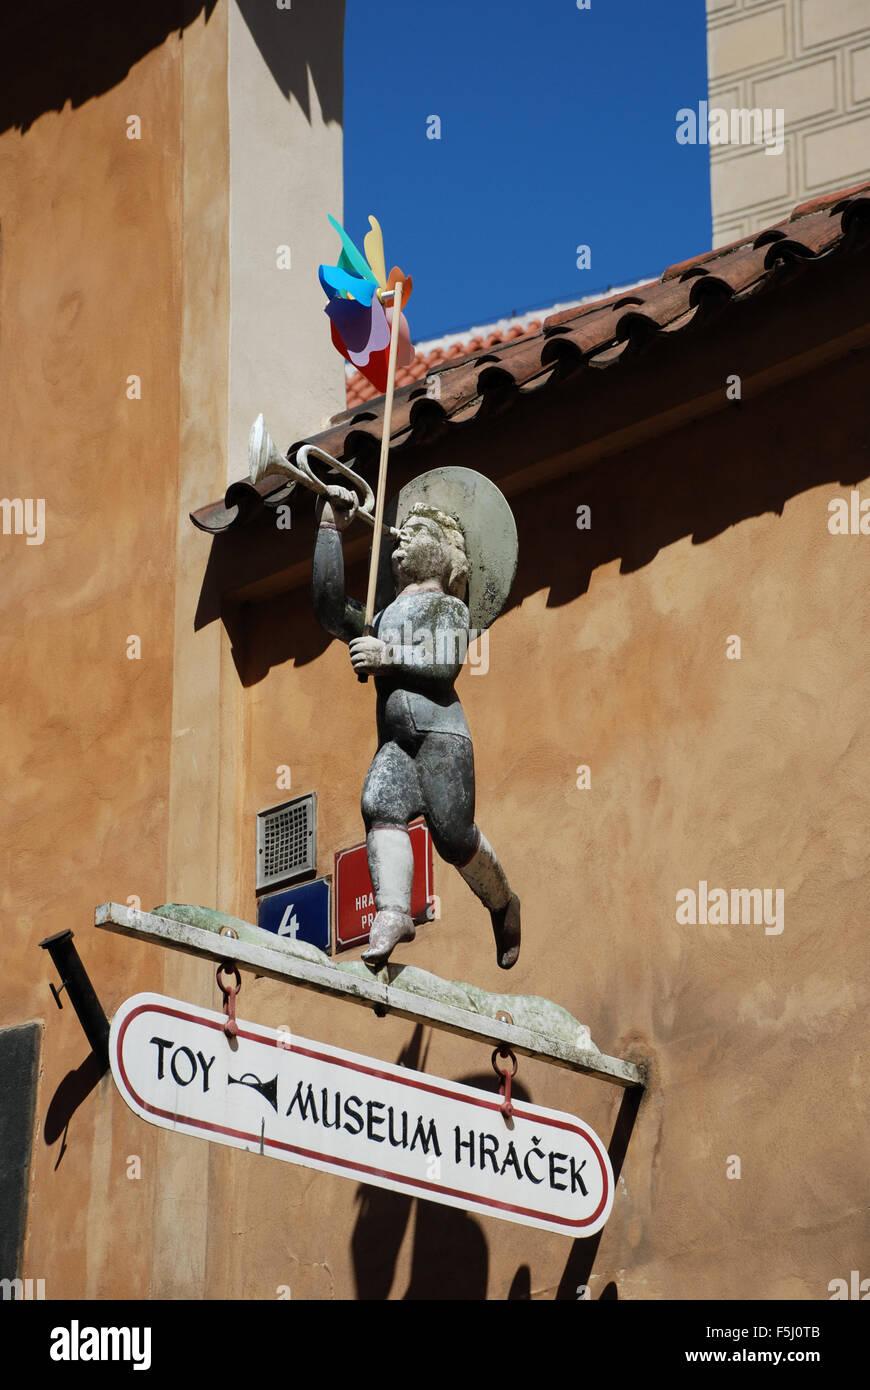 Toy museum entrance sign Prague Castle Czech Republic Stock Photo